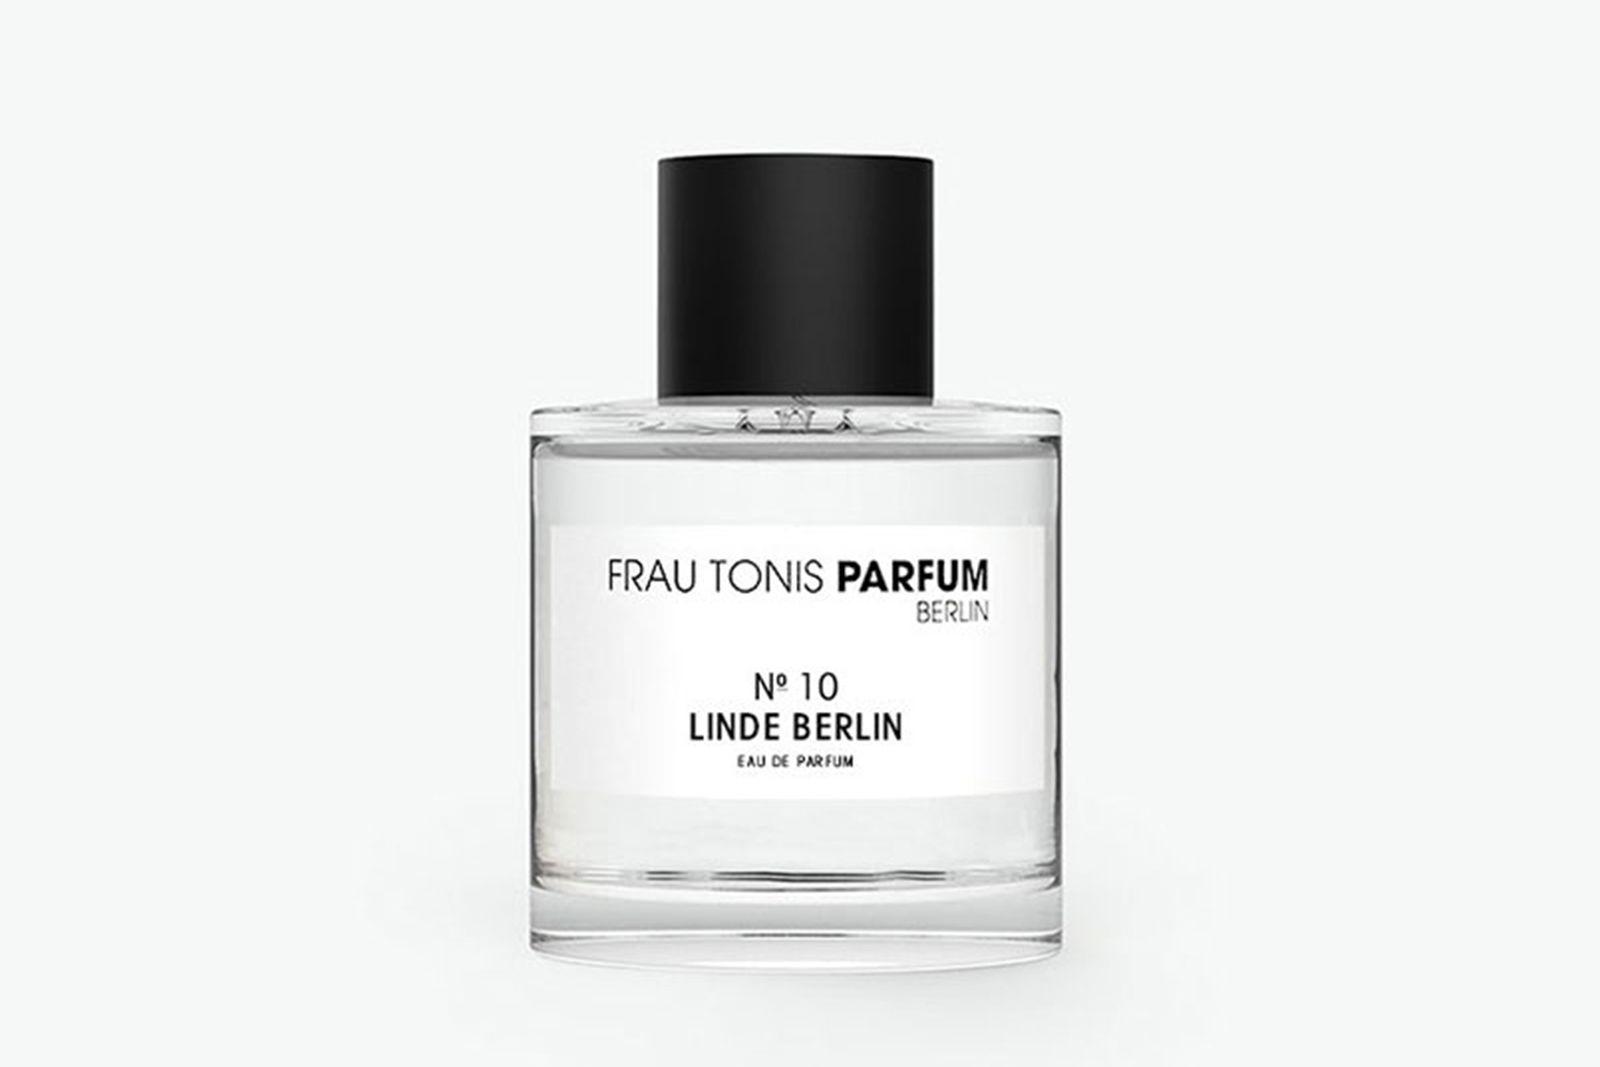 10 linde berlin frau tonis parfum onlineshop(4) ace hotel